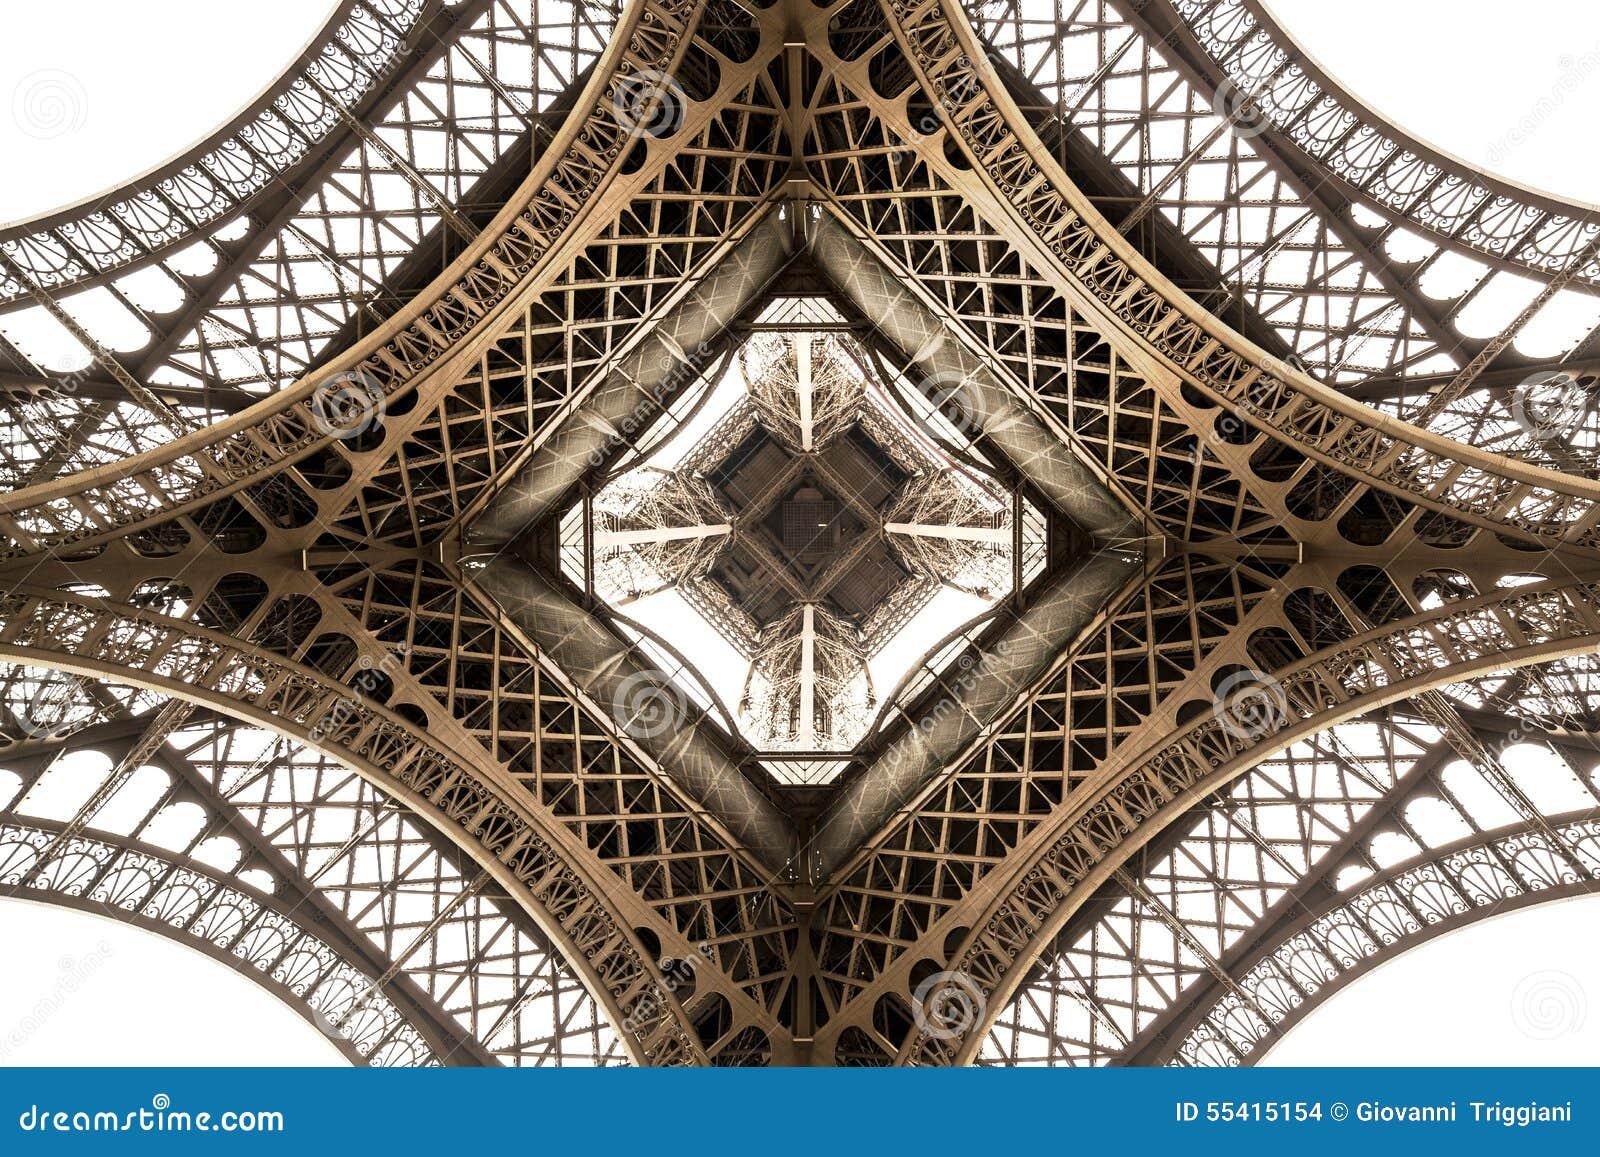 Eiffel Tower Architecture Detail, Bottom View. Unique ...